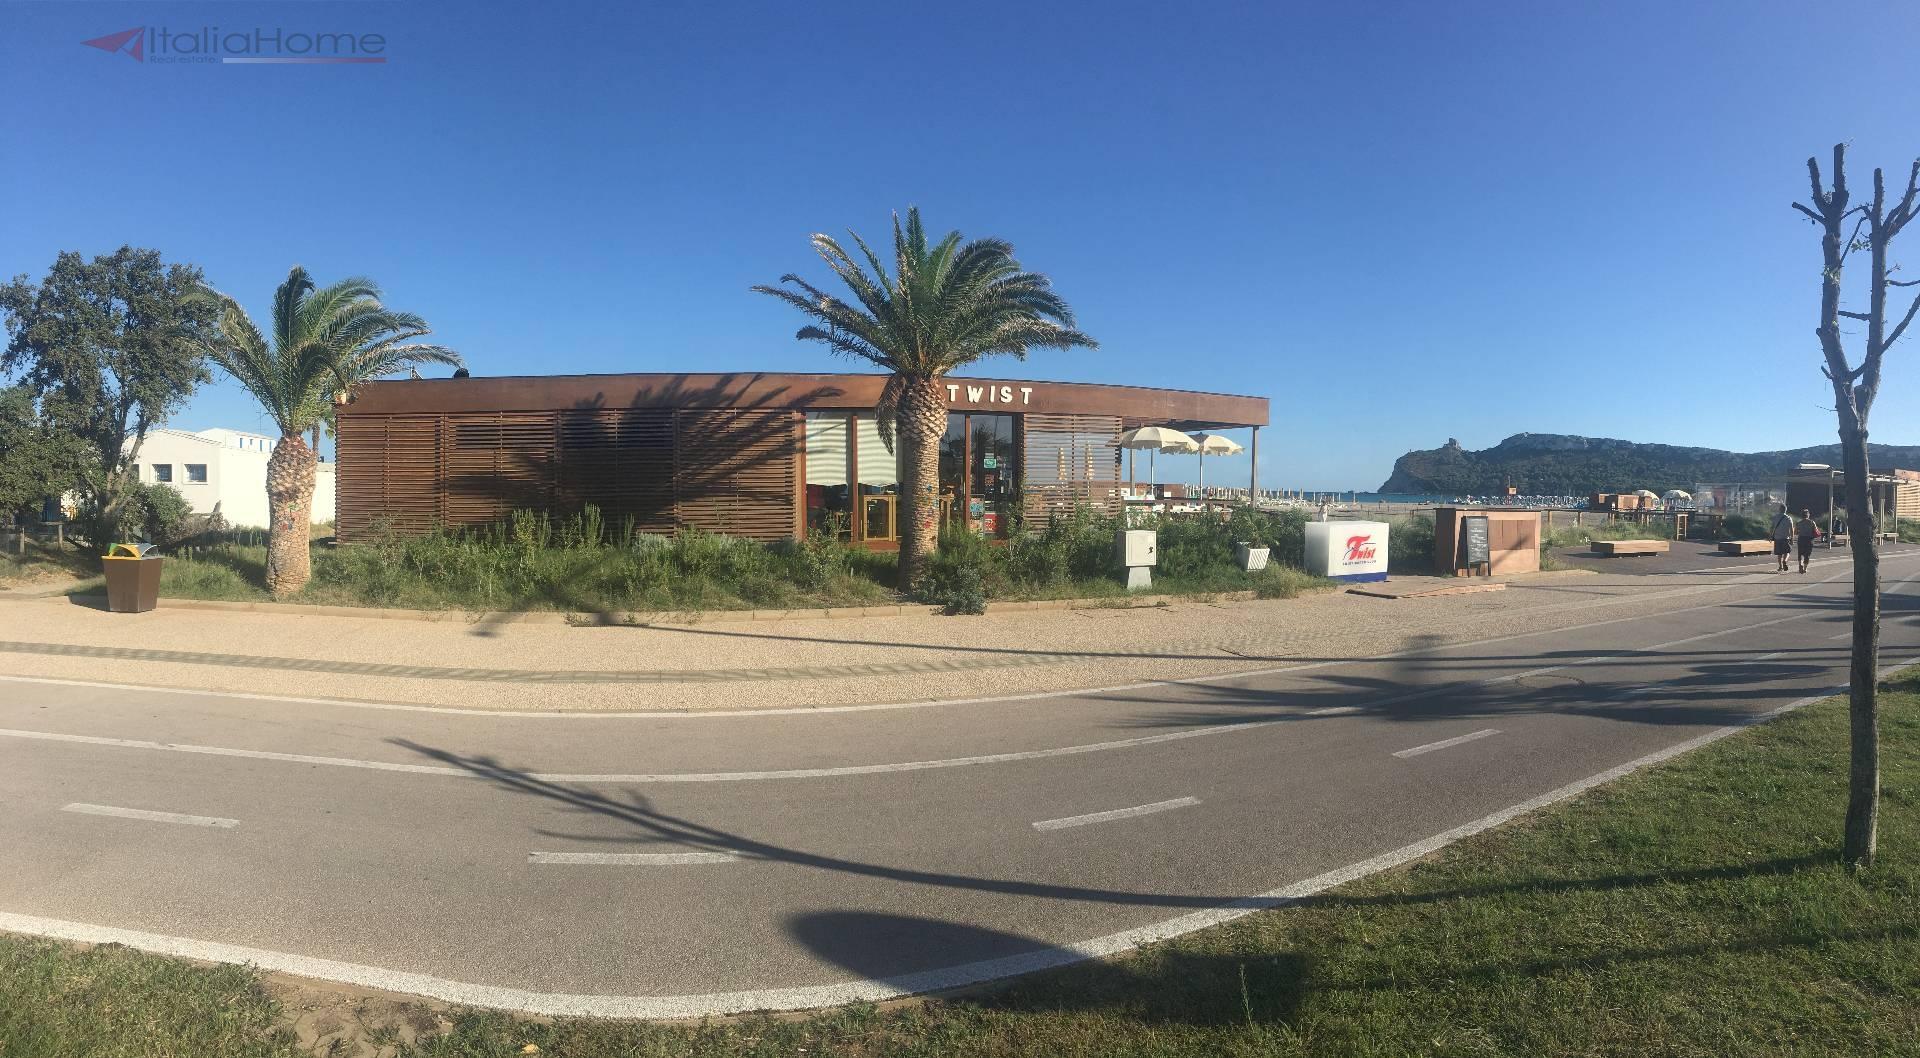 Villa in vendita a Cagliari, 4 locali, zona Zona: Poetto, prezzo € 375.000 | CambioCasa.it